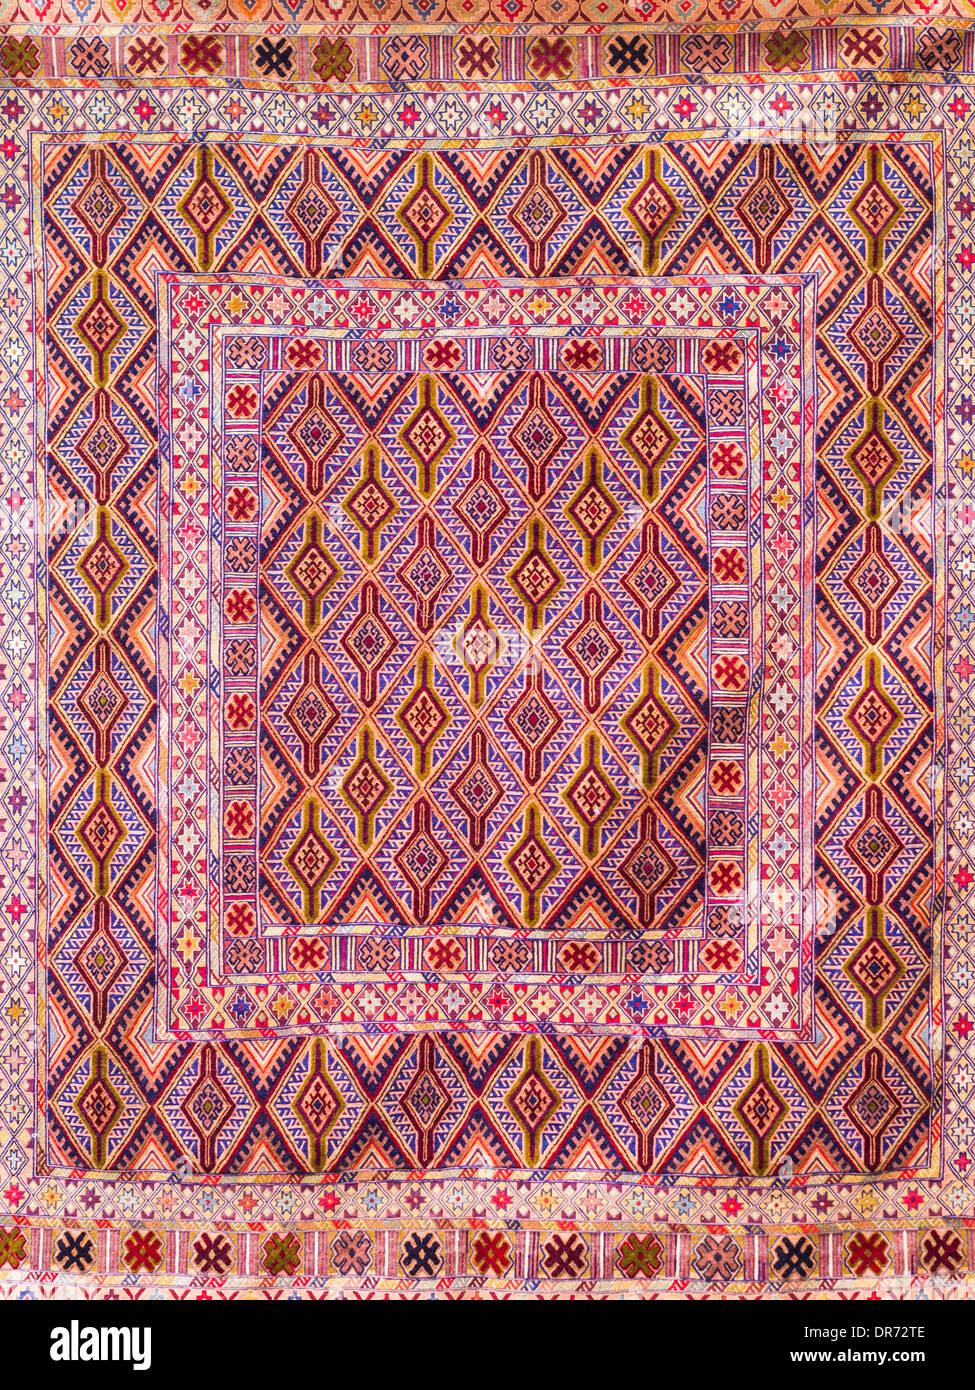 Traditional Azerbaijani rug. - Stock Image